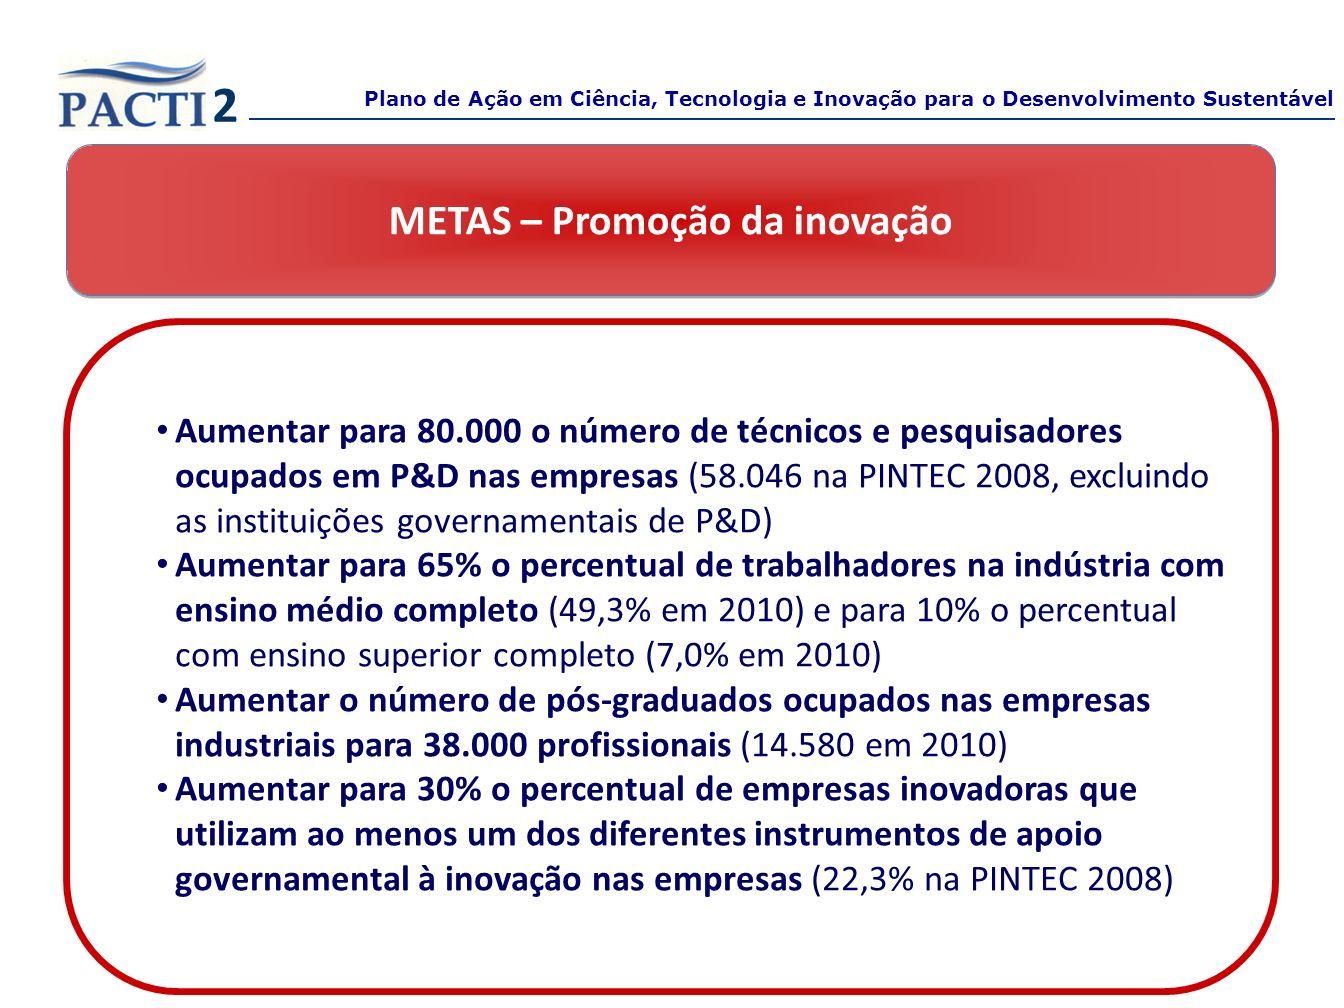 METAS – Promoção da inovação Aumentar para 80.000 o número de técnicos e pesquisadores ocupados em P&D nas empresas (58.046 na PINTEC 2008, excluindo